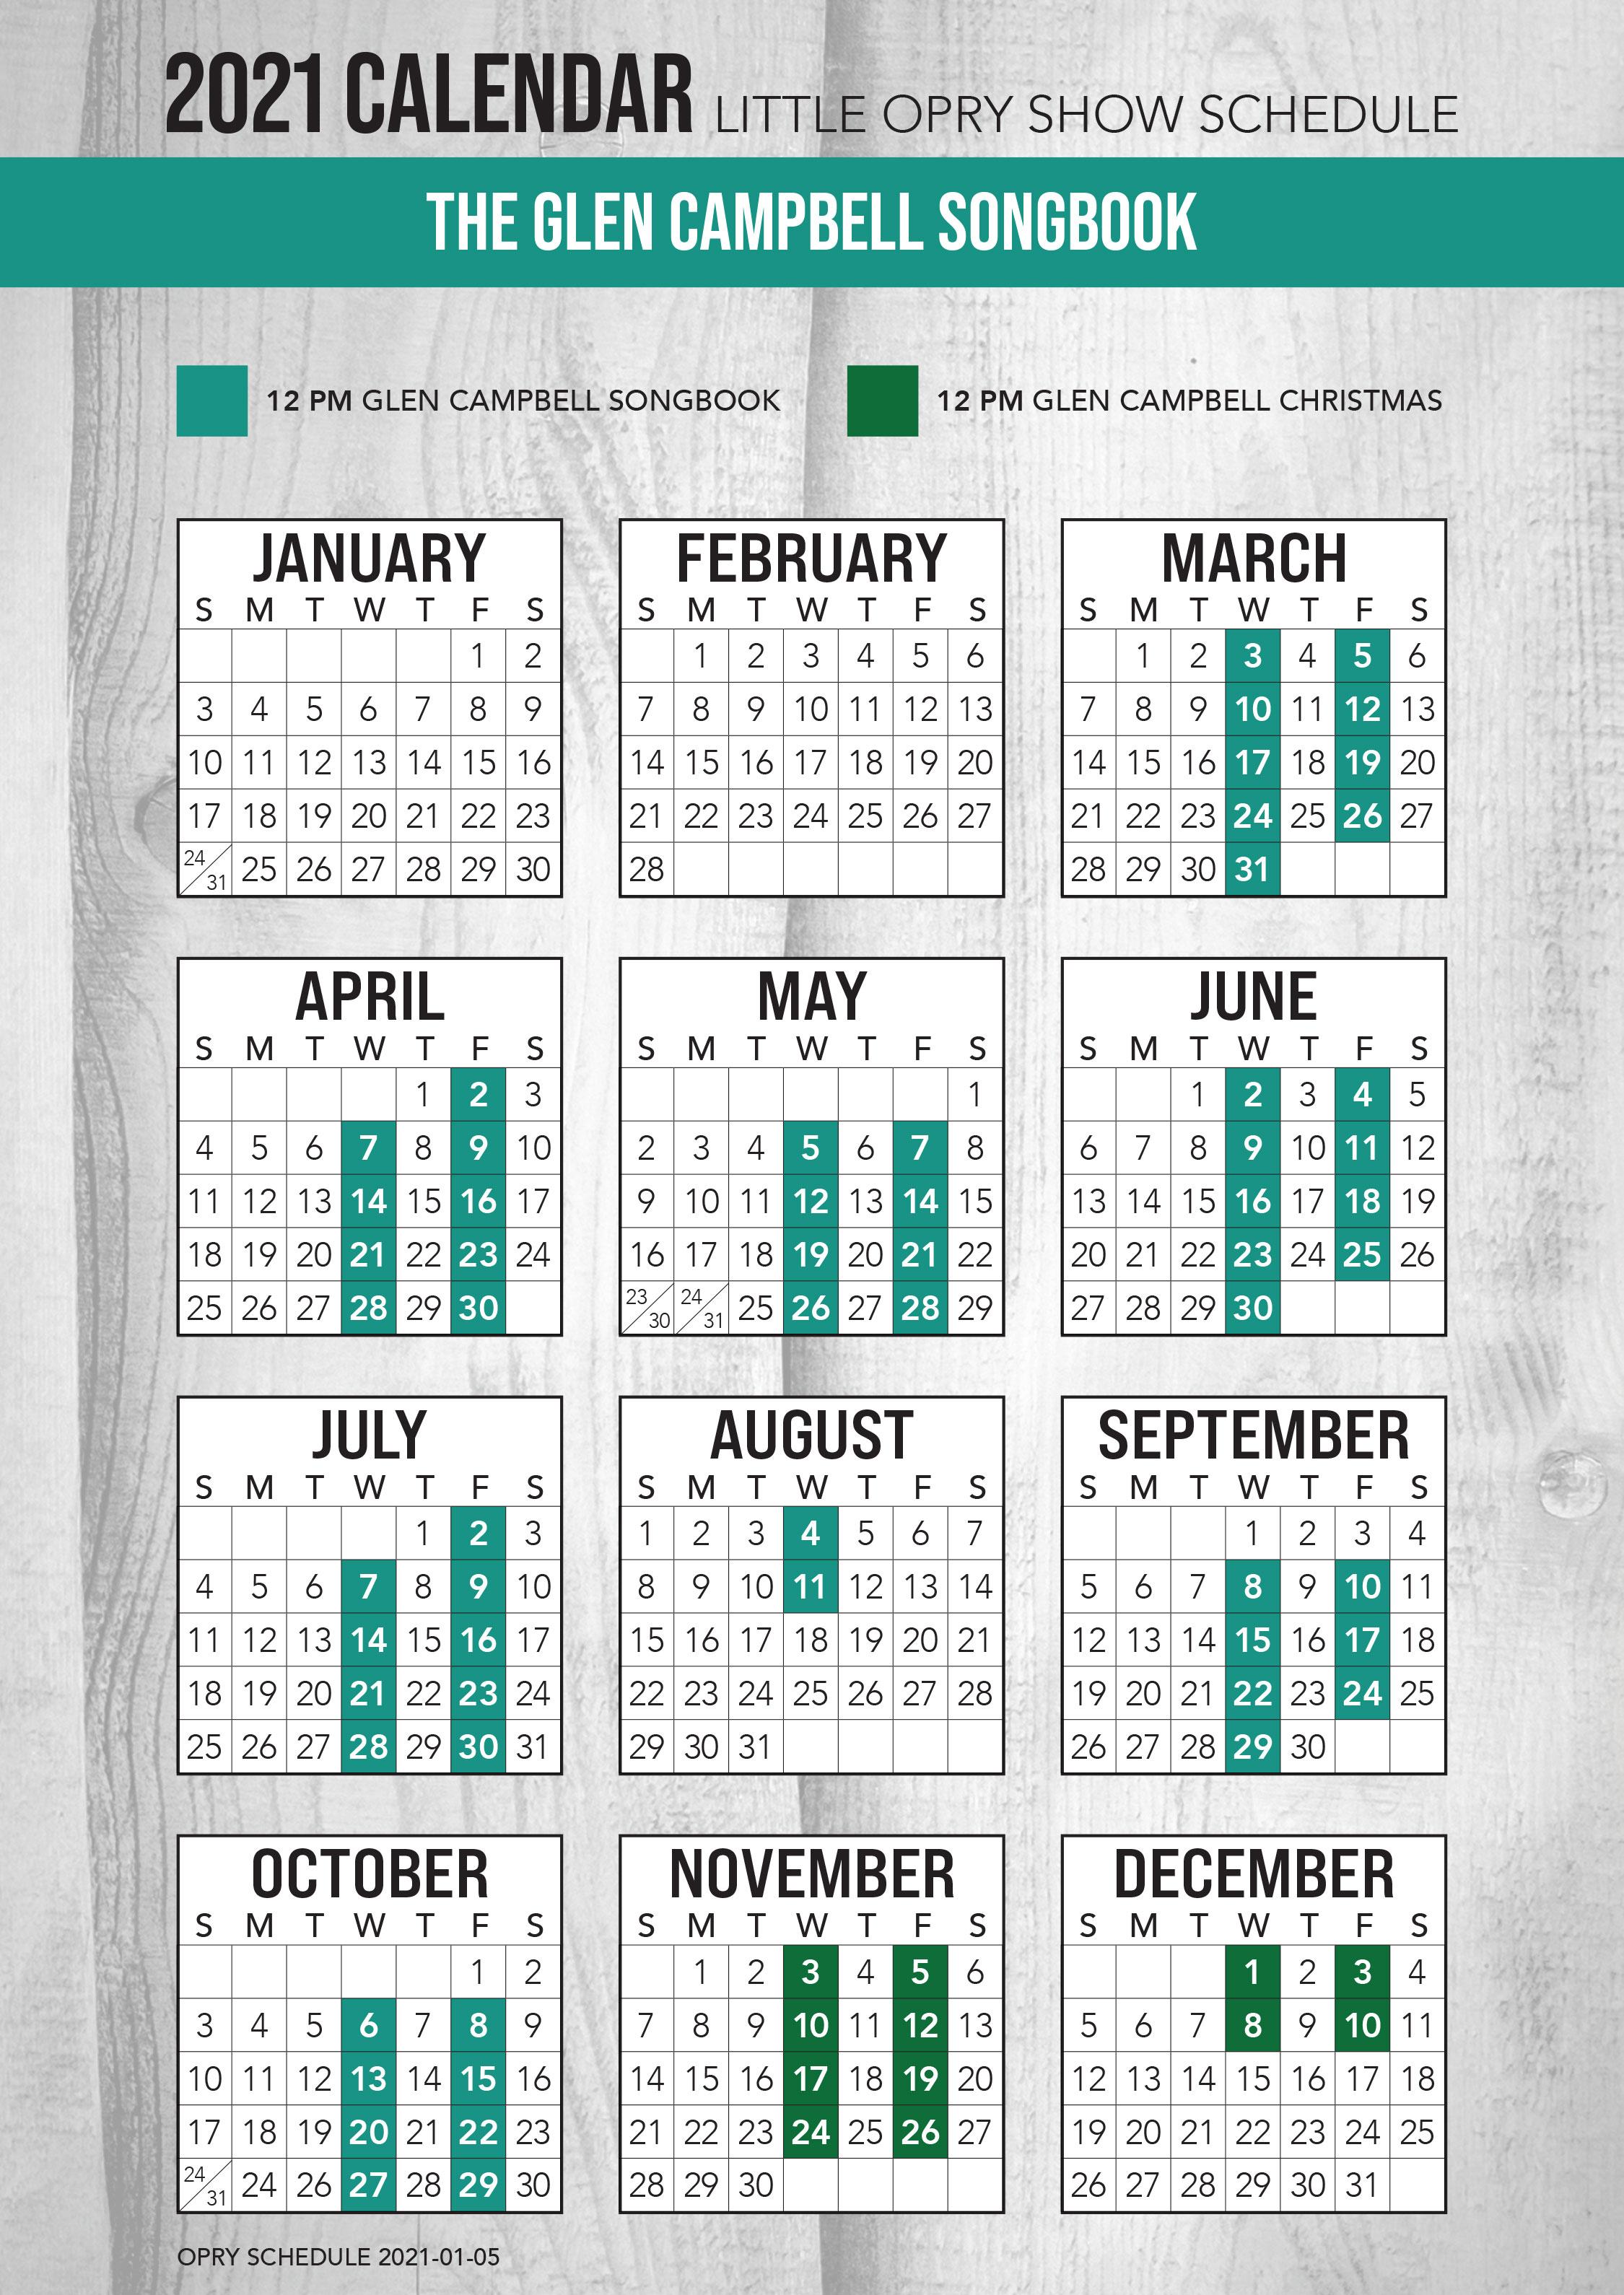 Glen Campbell Songbook 2021 Schedule